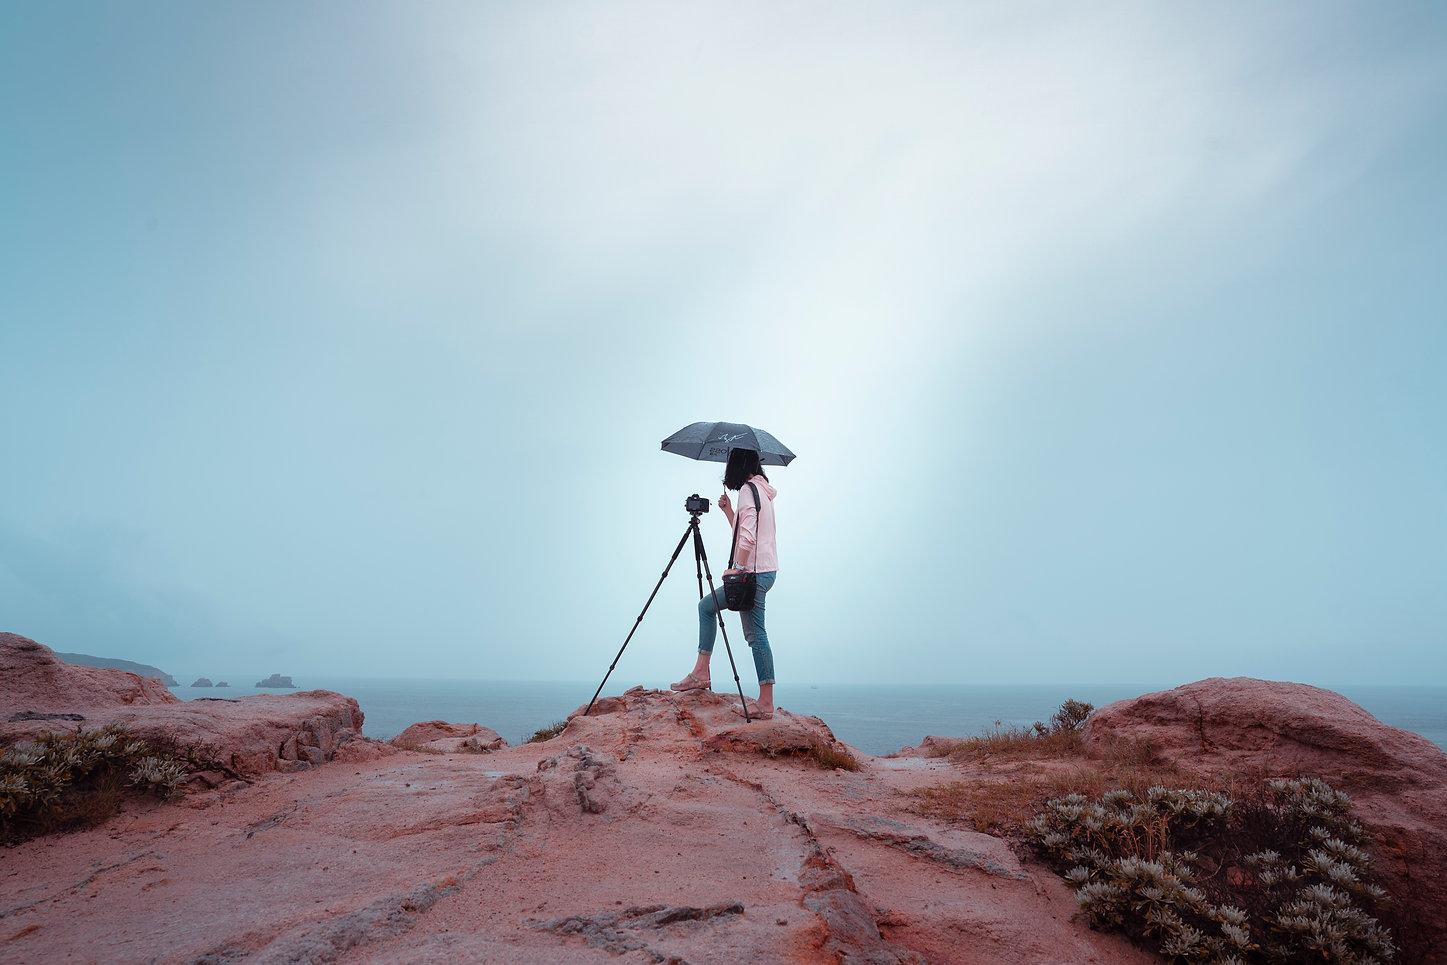 Fotografieausrüstung Landschaft